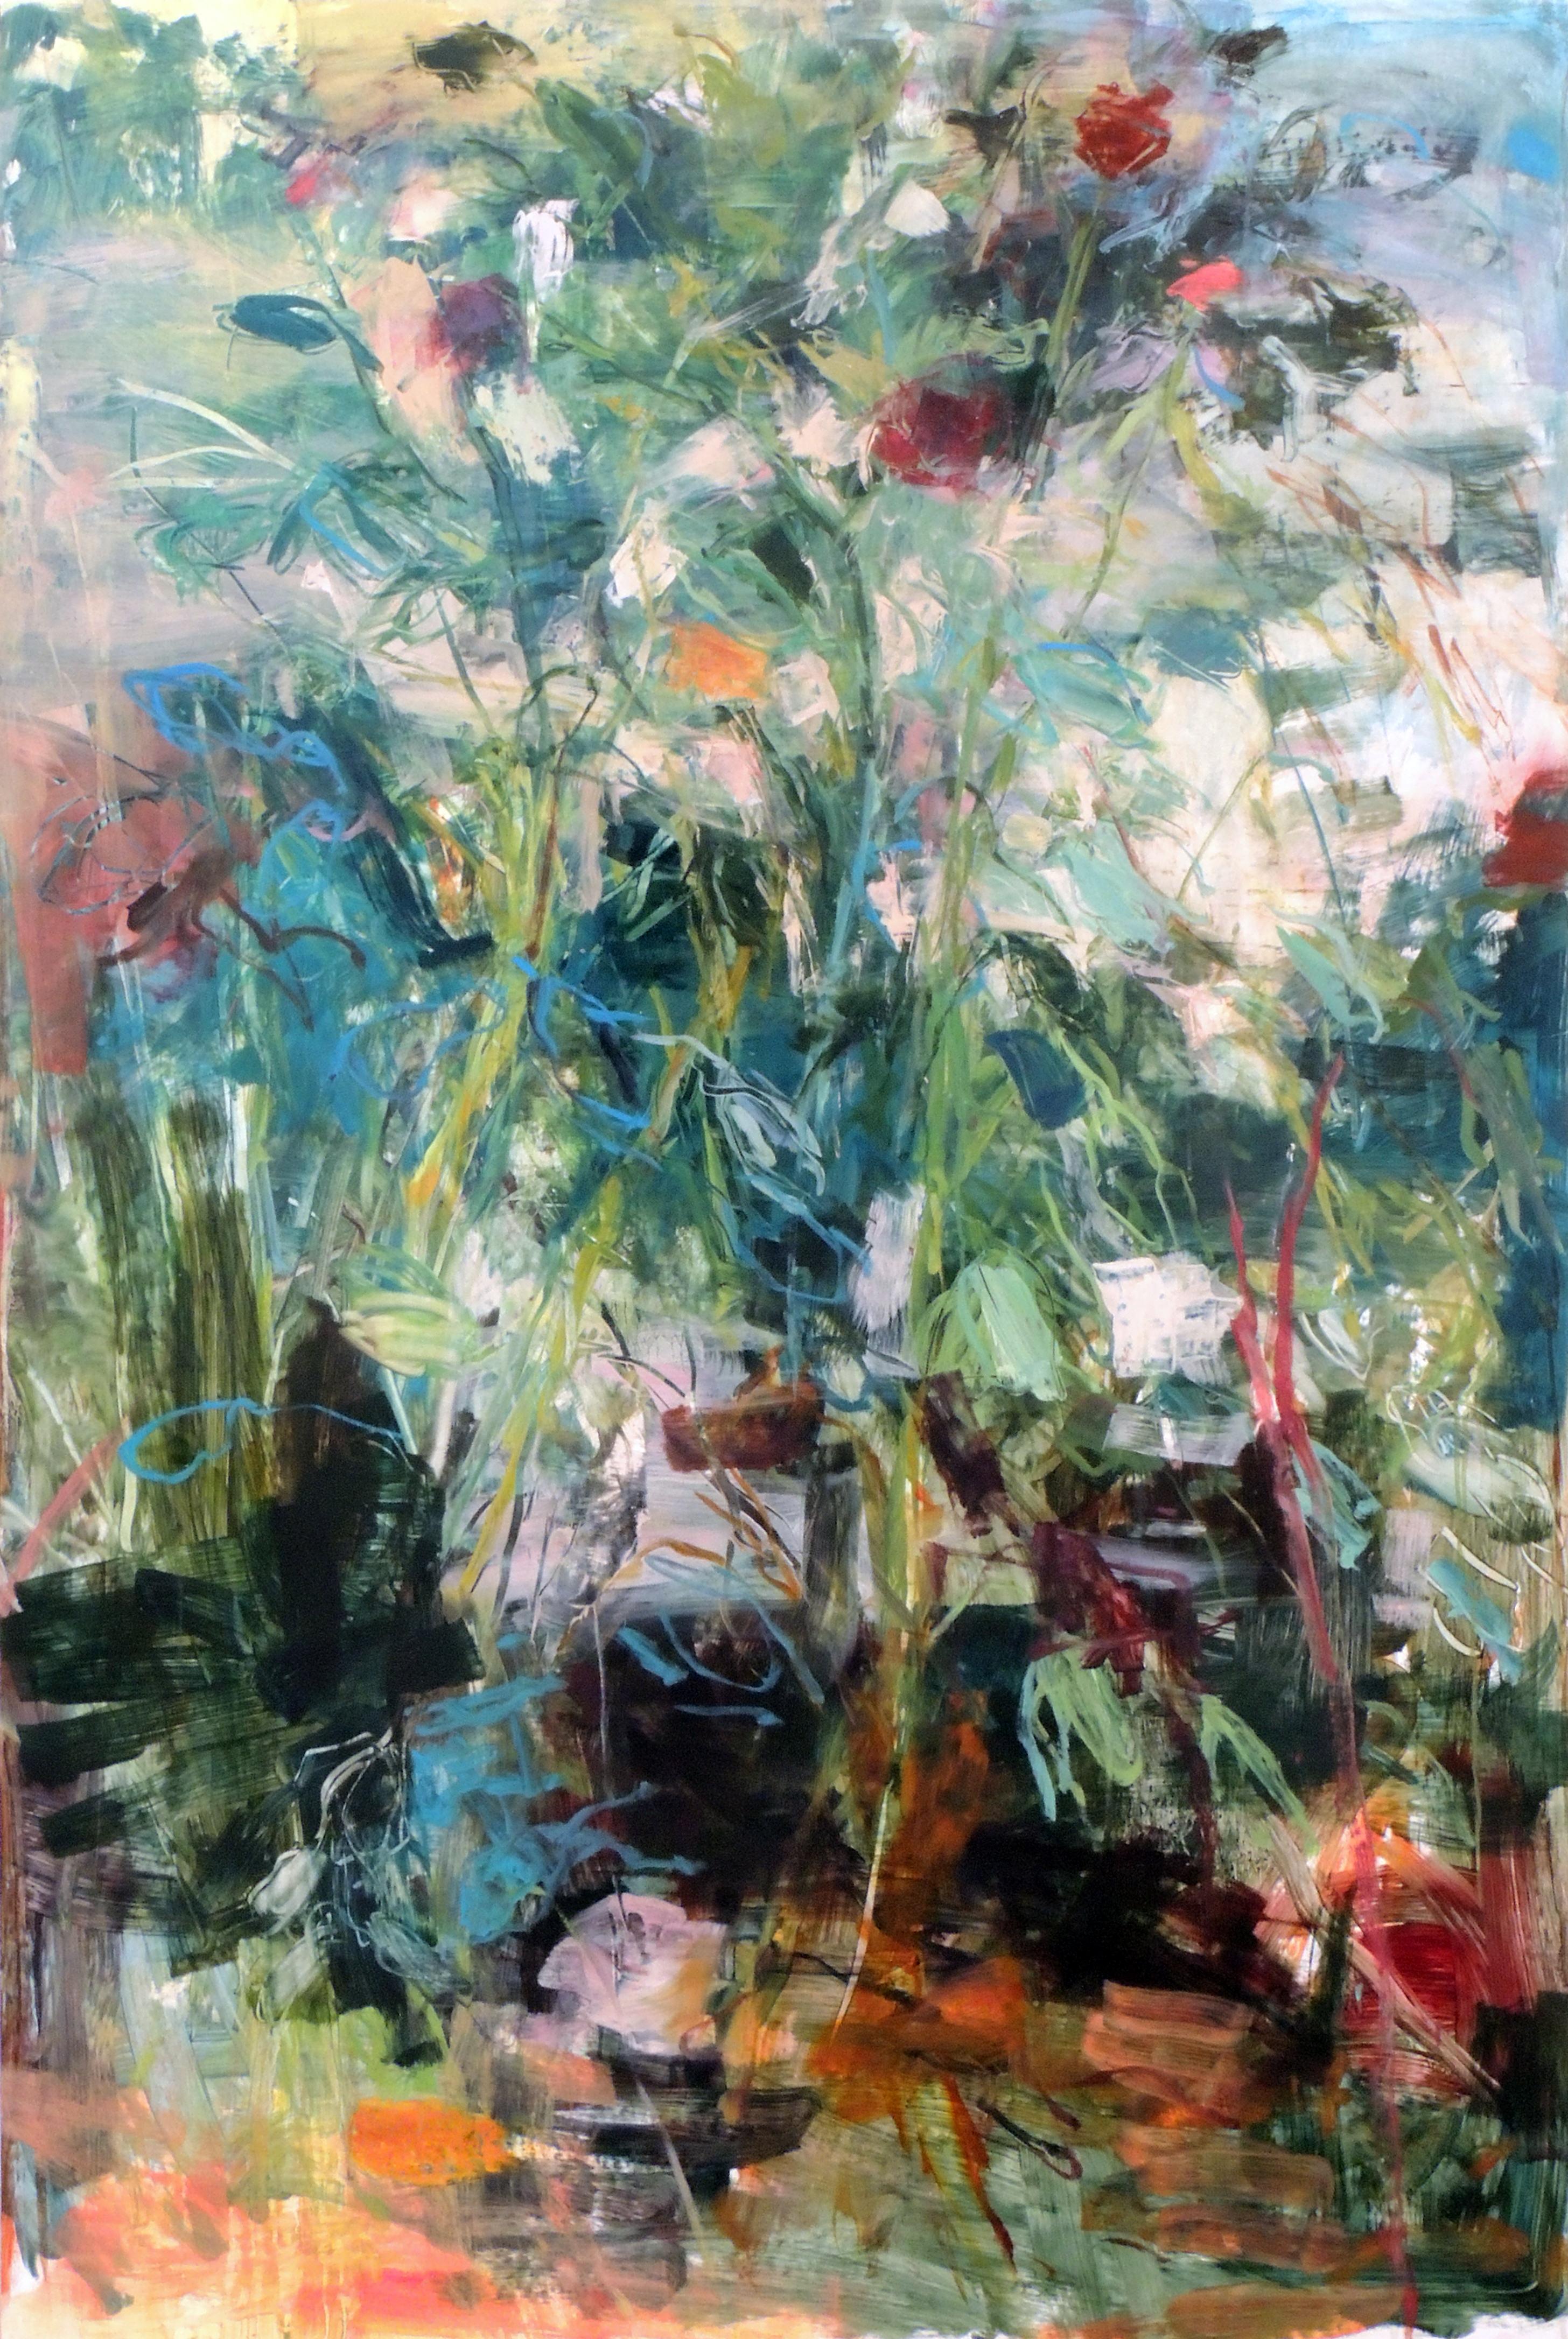 Jennifer Rosengarten | CONSTABLE'S DREAM | Oil on Yupo mounted on panel